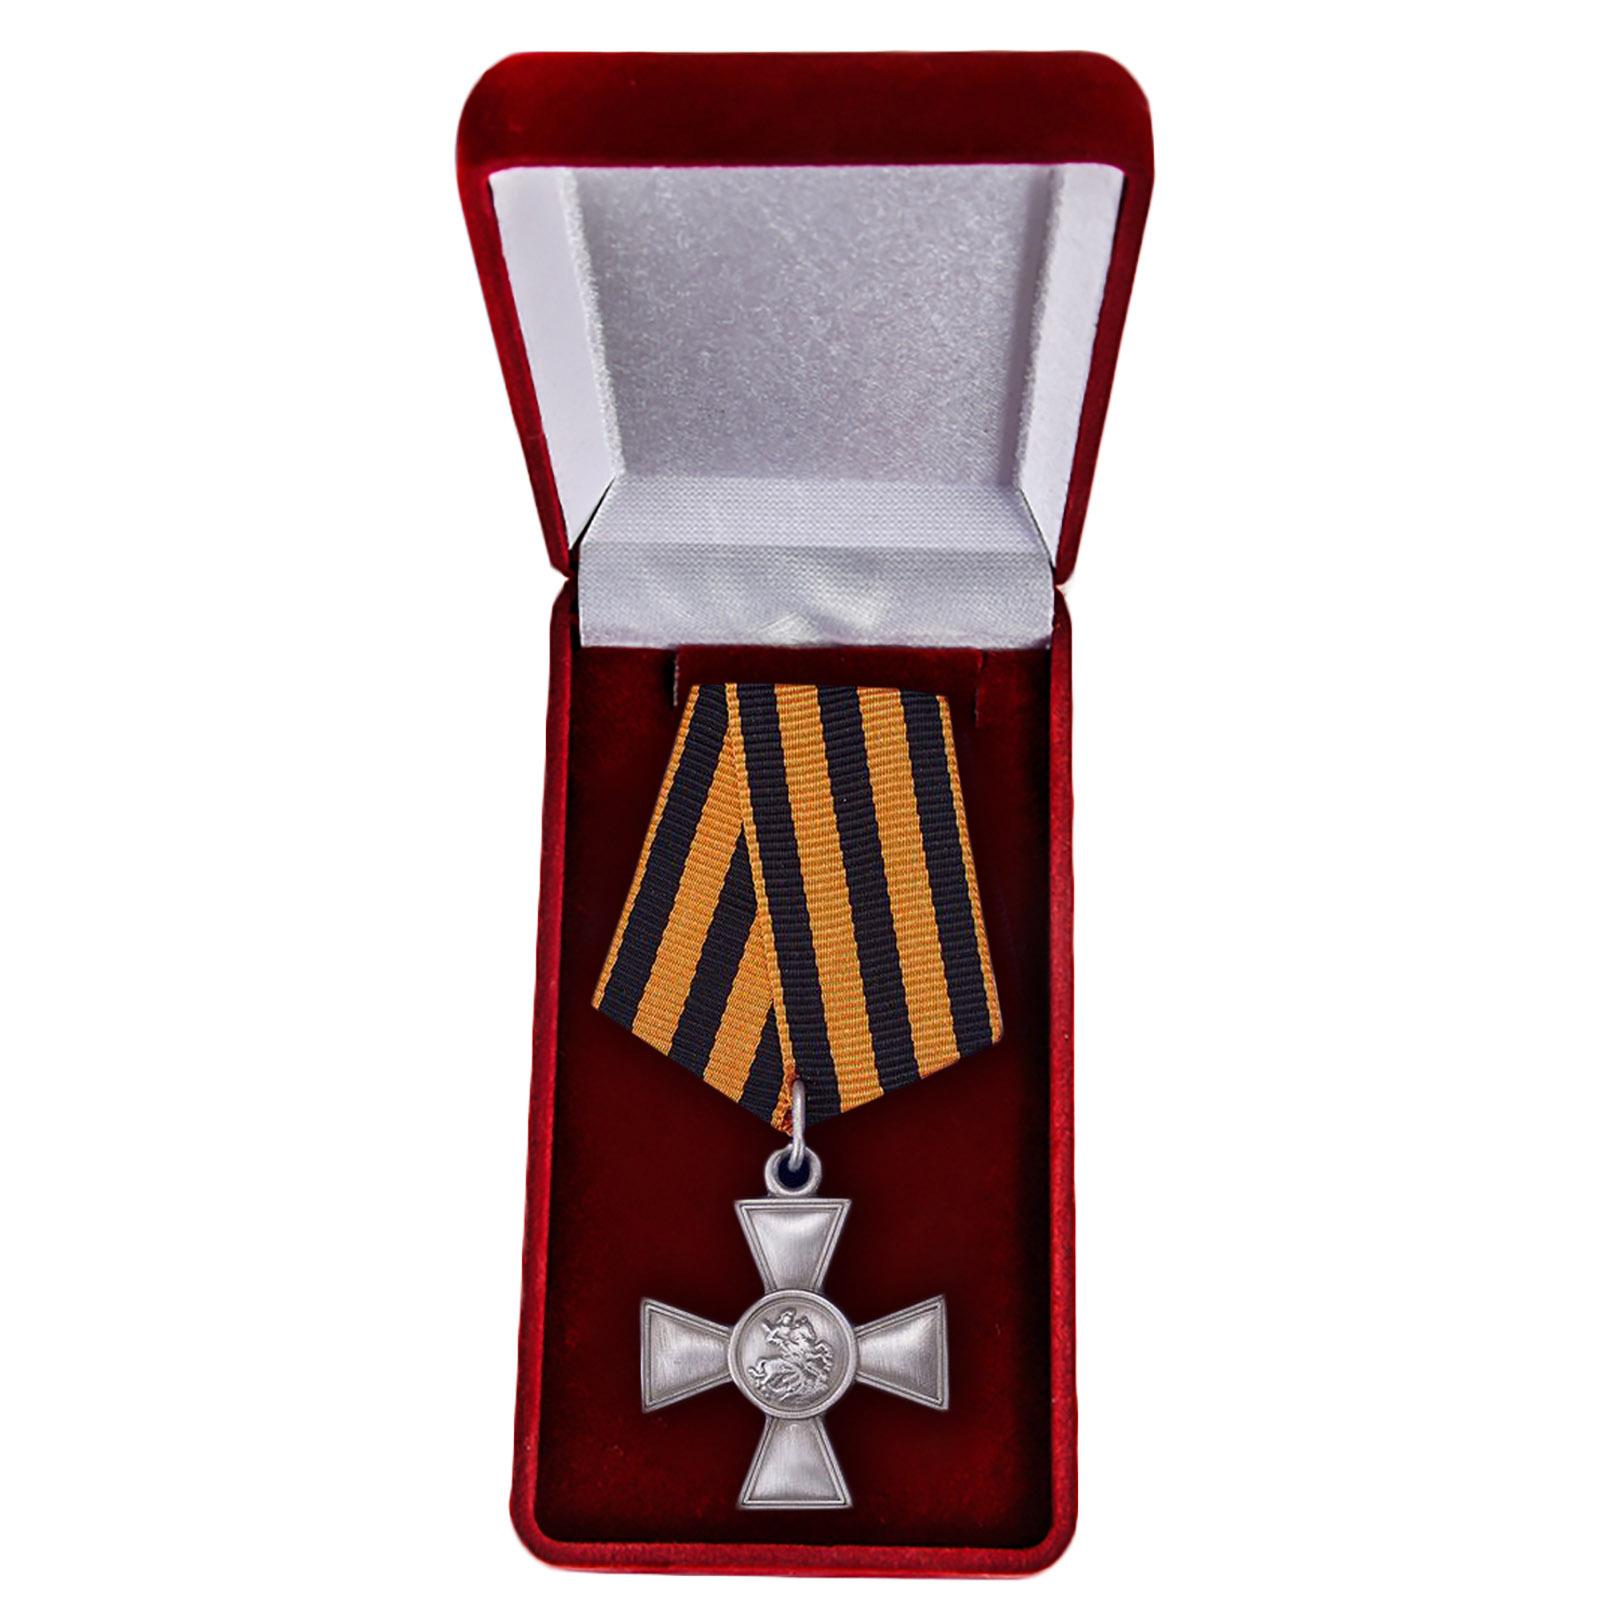 Георгиевский крест 3-й степени купить в Военпро